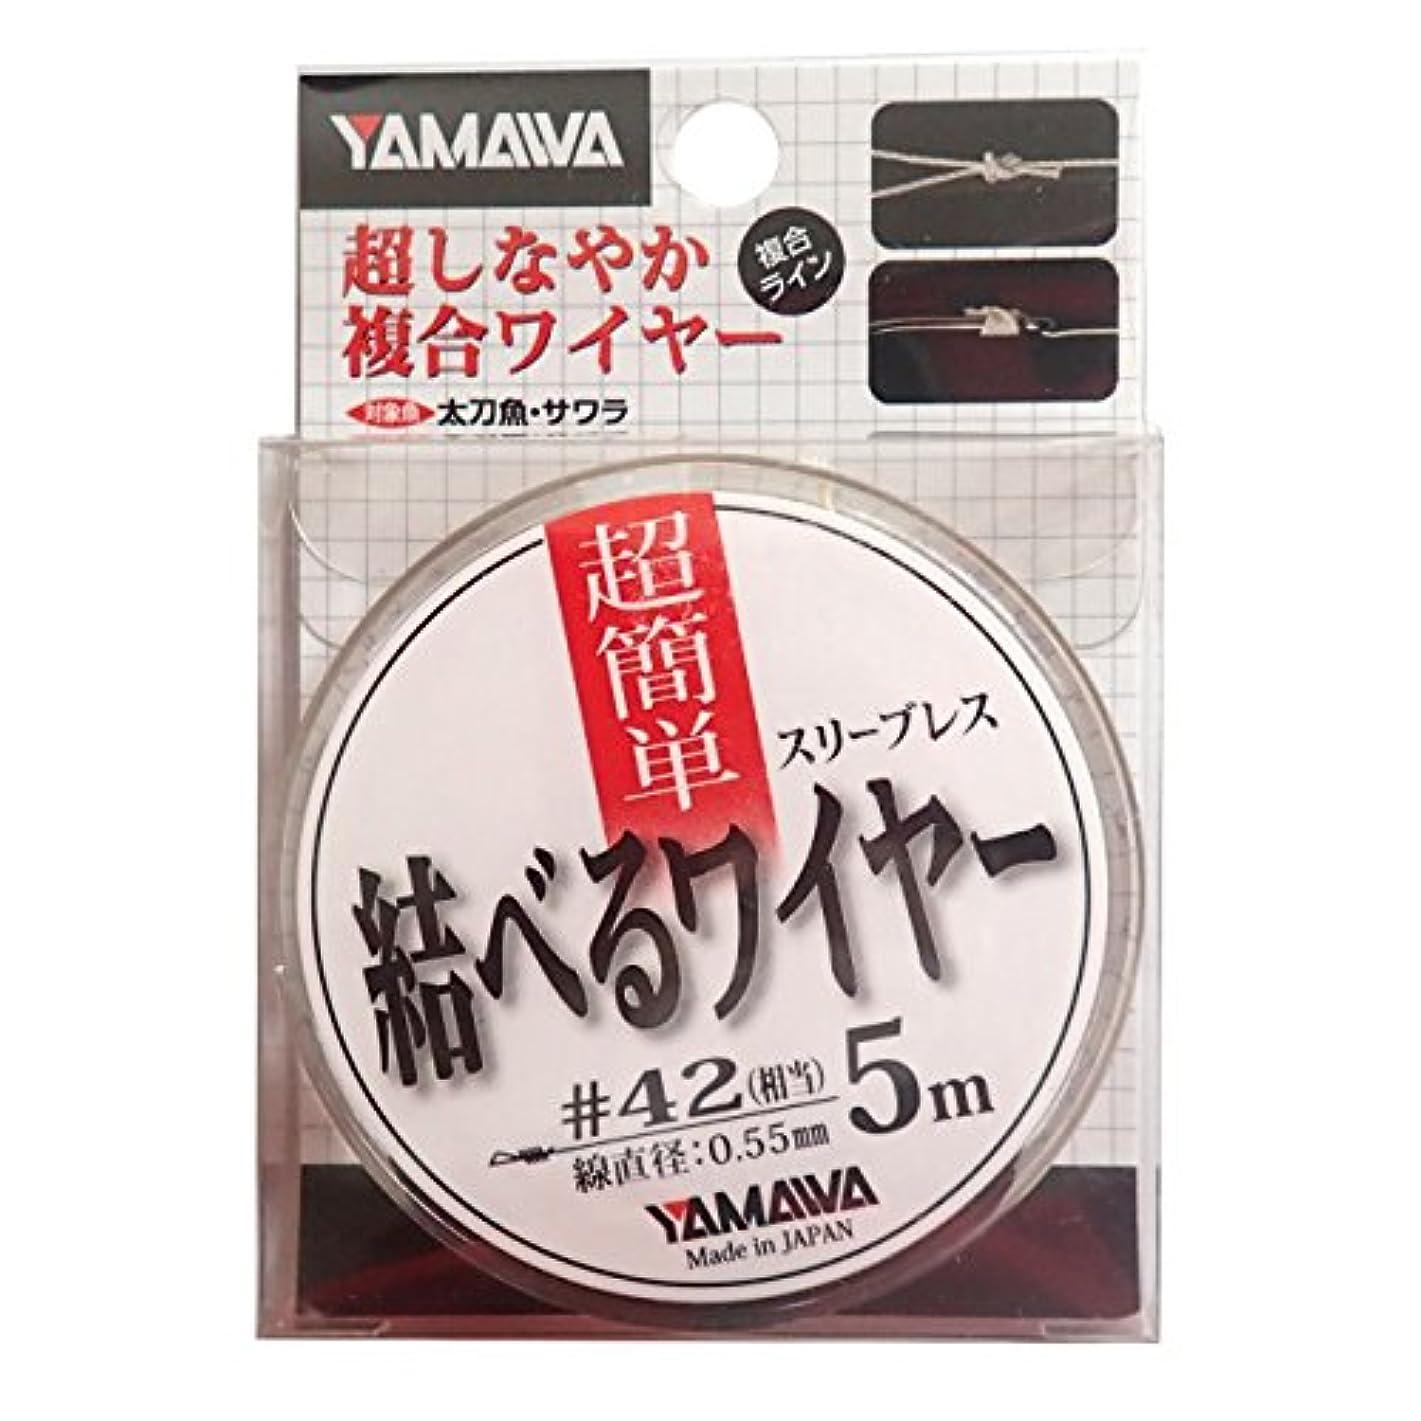 ネックレット送信する従来のヤマワ産業(Yamawa Sangyo) 結べるワイヤー  0.55mm